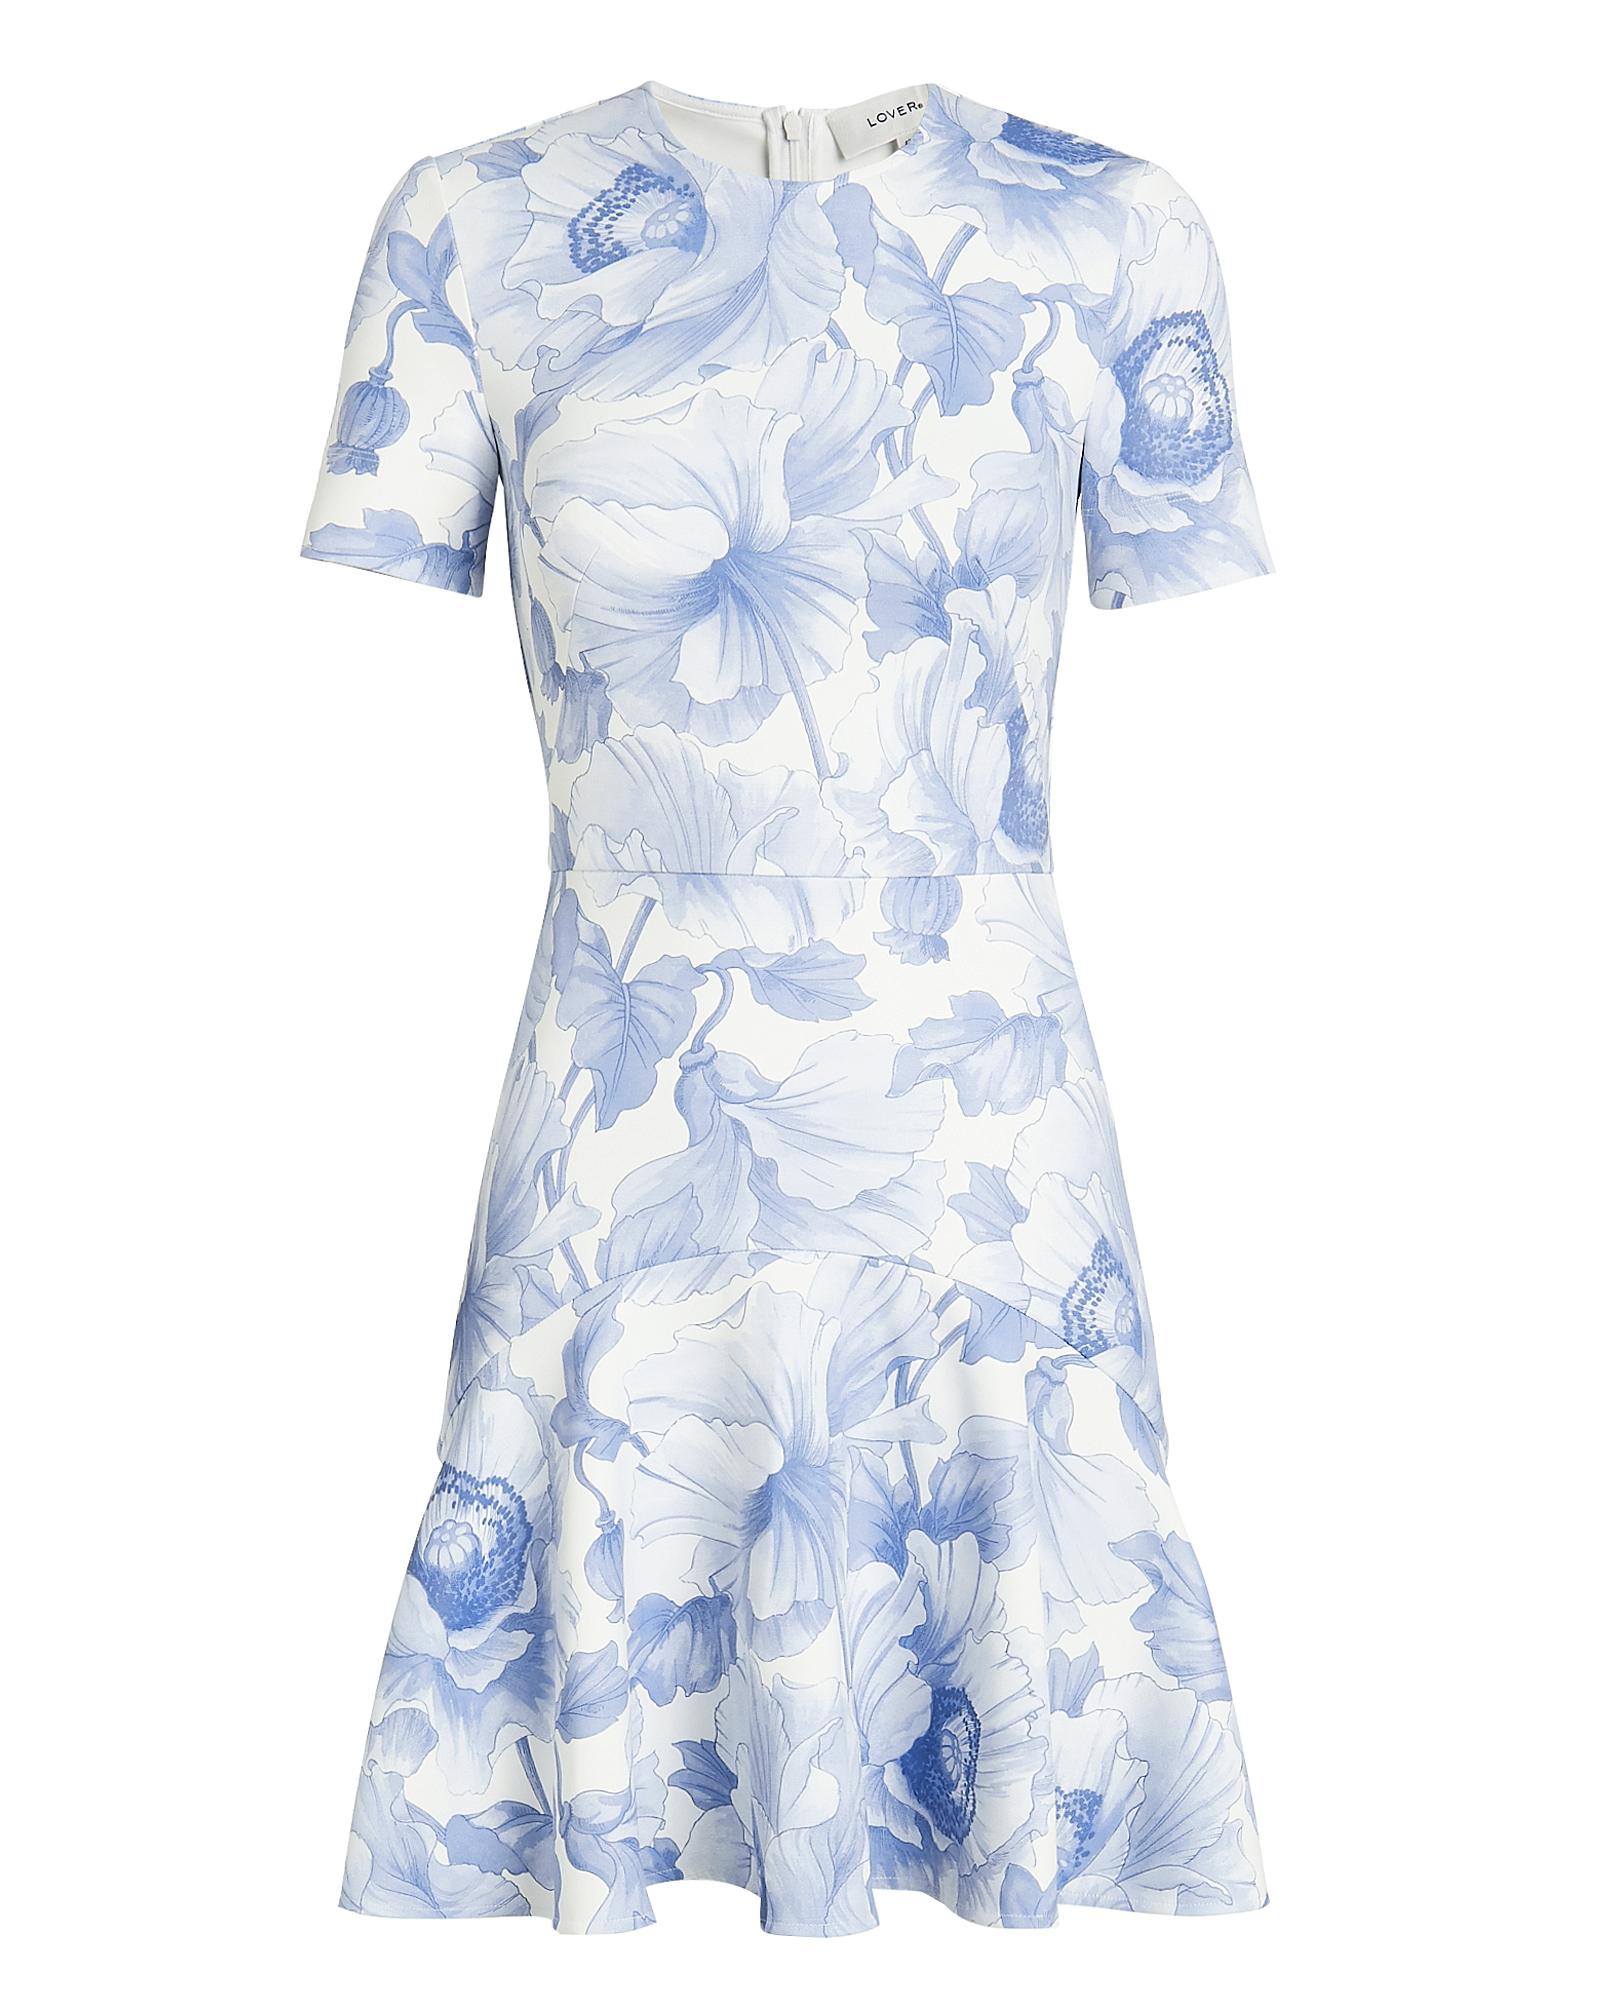 LOVER Fleur Flip Mini Dress White/Blue